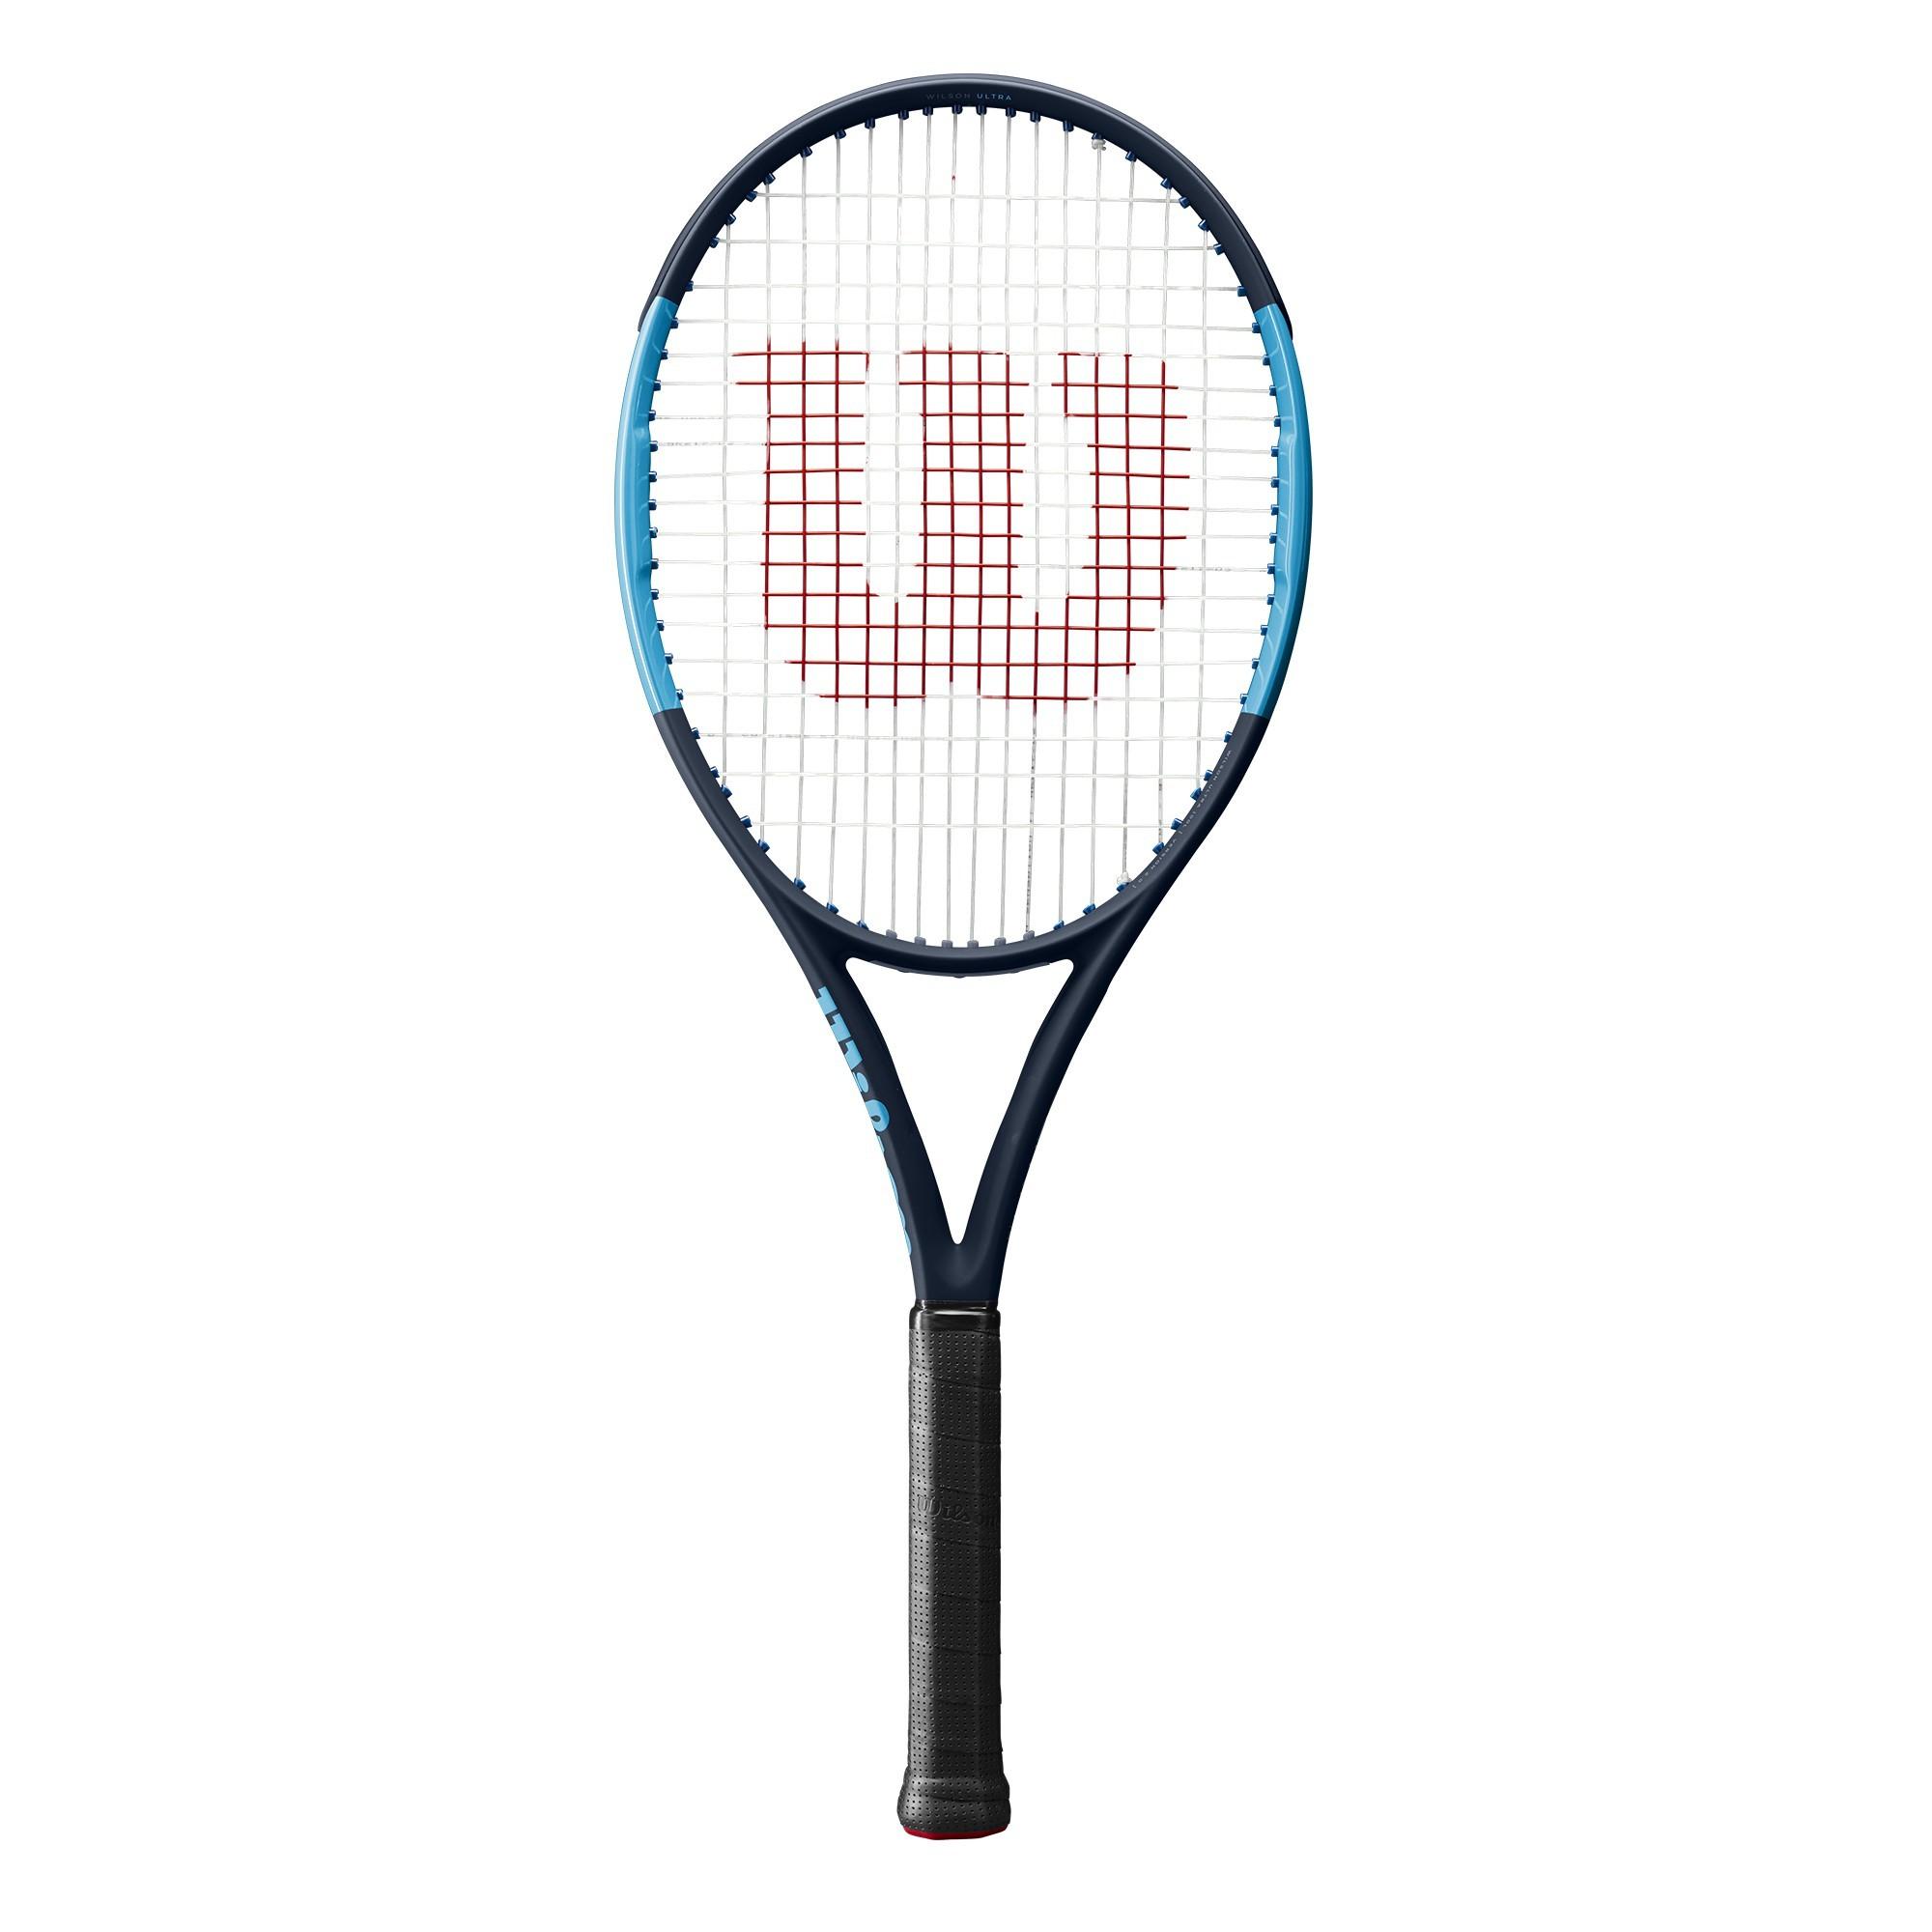 Rakieta tenisowa Wilson Ultra 100L + naciąg Luxilon